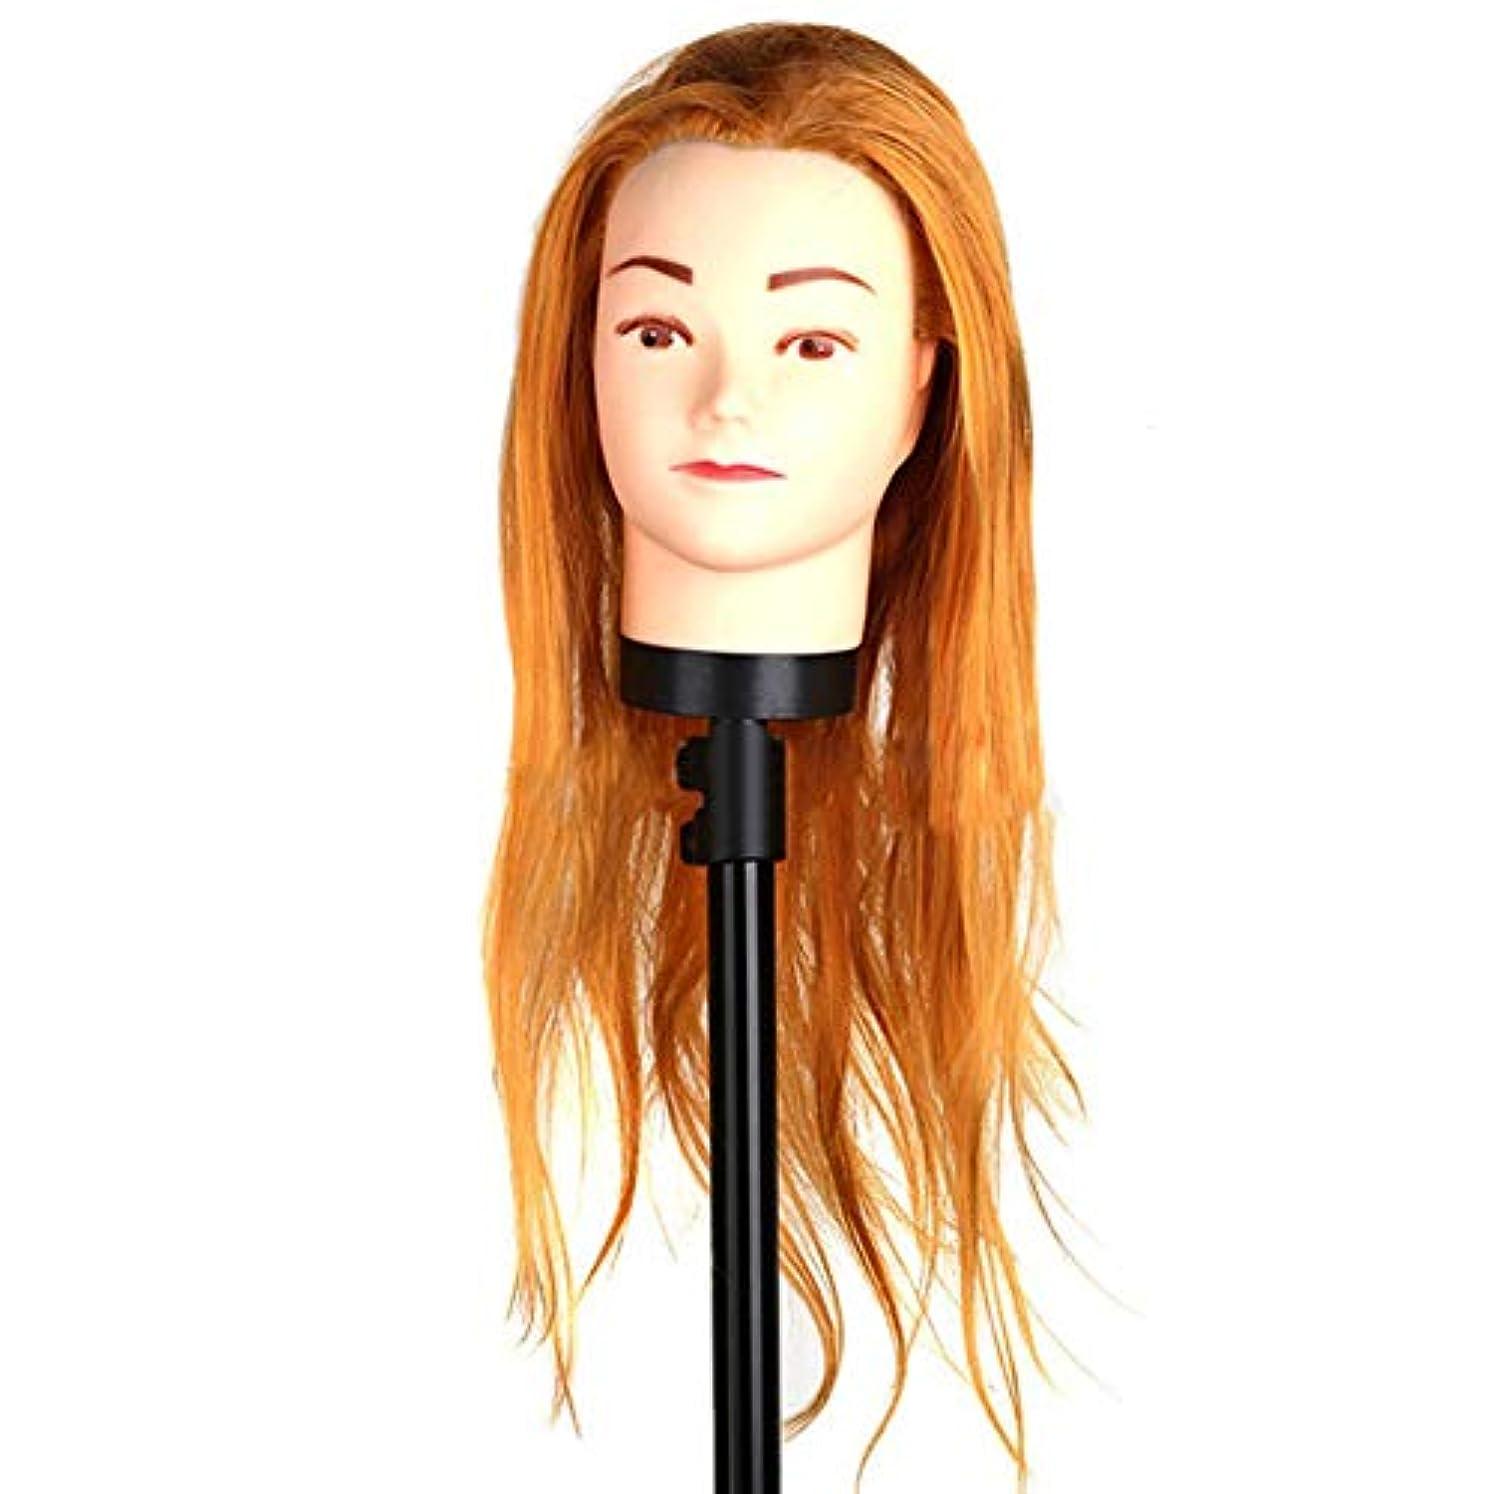 正直広々とした自分高温繊維かつらヘッドモールドメイクヘアスタイリングヘッドヘアーサロントレーニング学習ヘアカットデュアルユースダミー人間の頭